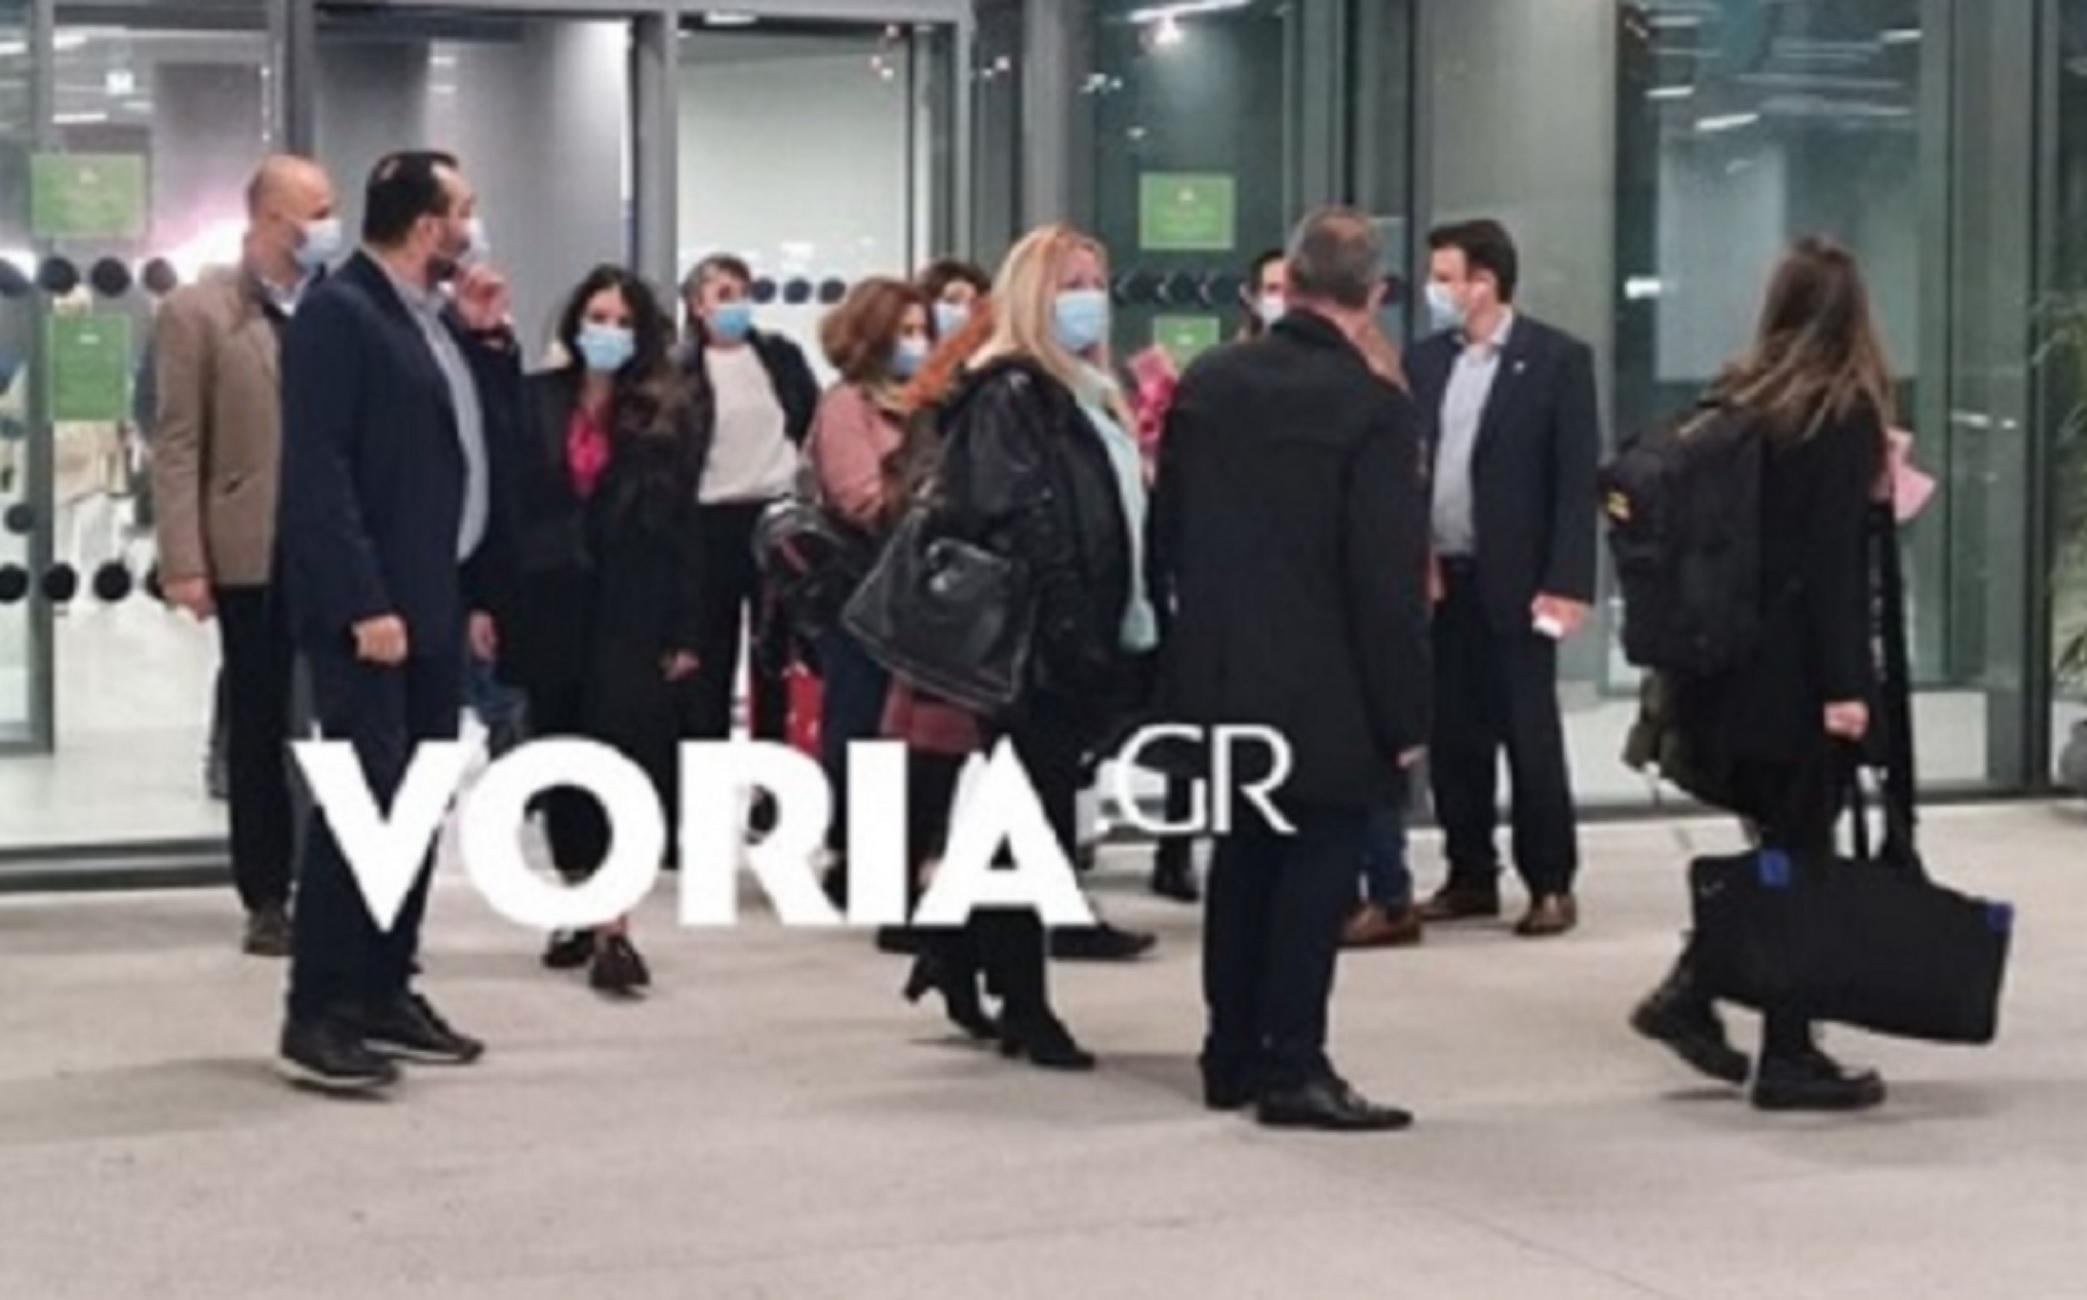 Θεσσαλονίκη: Έφυγαν αθόρυβα οι νοσηλεύτριες από την Κρήτη που συγκίνησαν με το μεγαλείο της ψυχής τους!